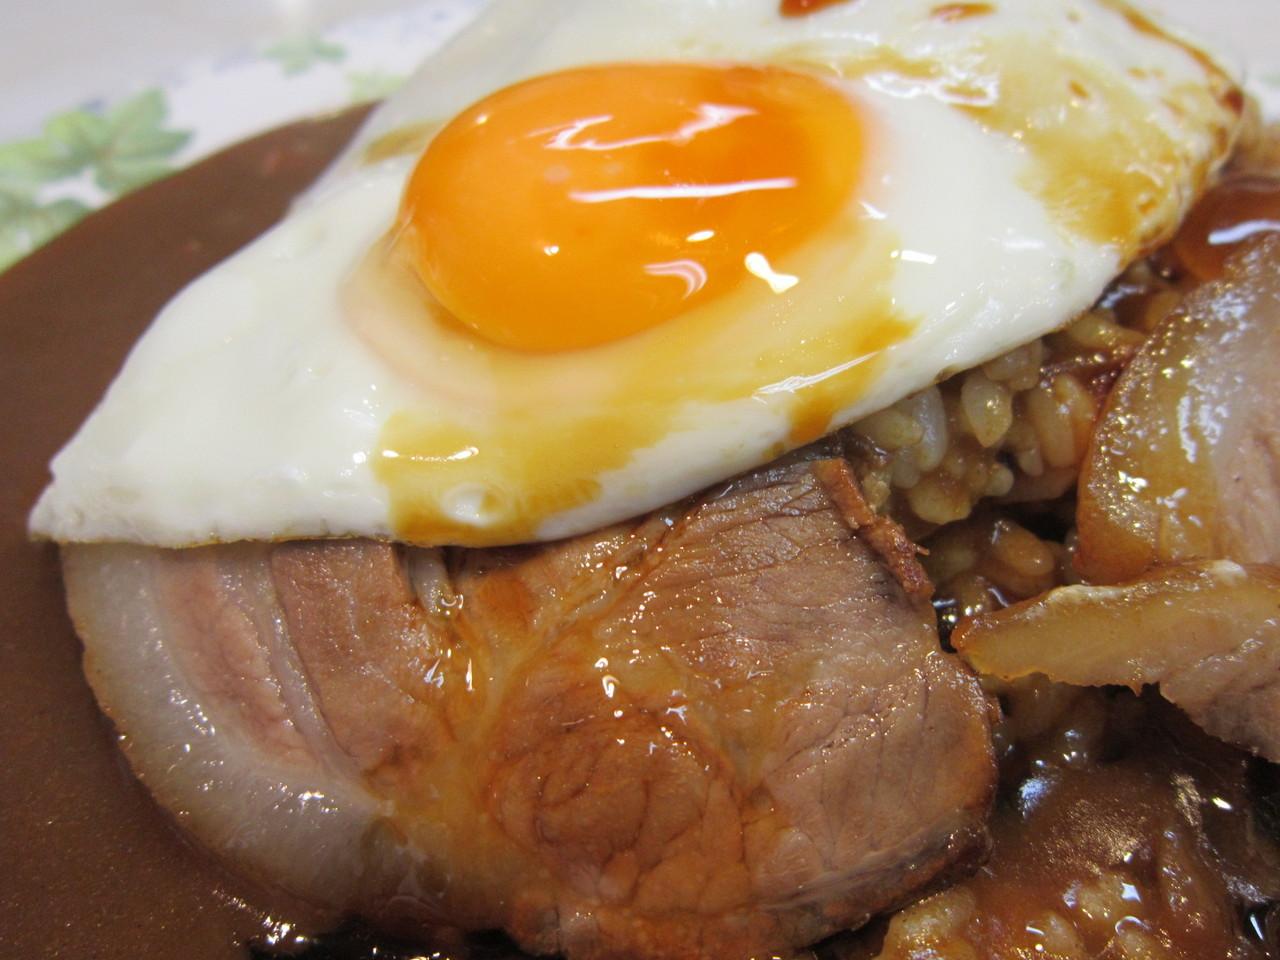 松山グルメおすすめスポット21!B級グルメや「もぶり飯」は外せない?